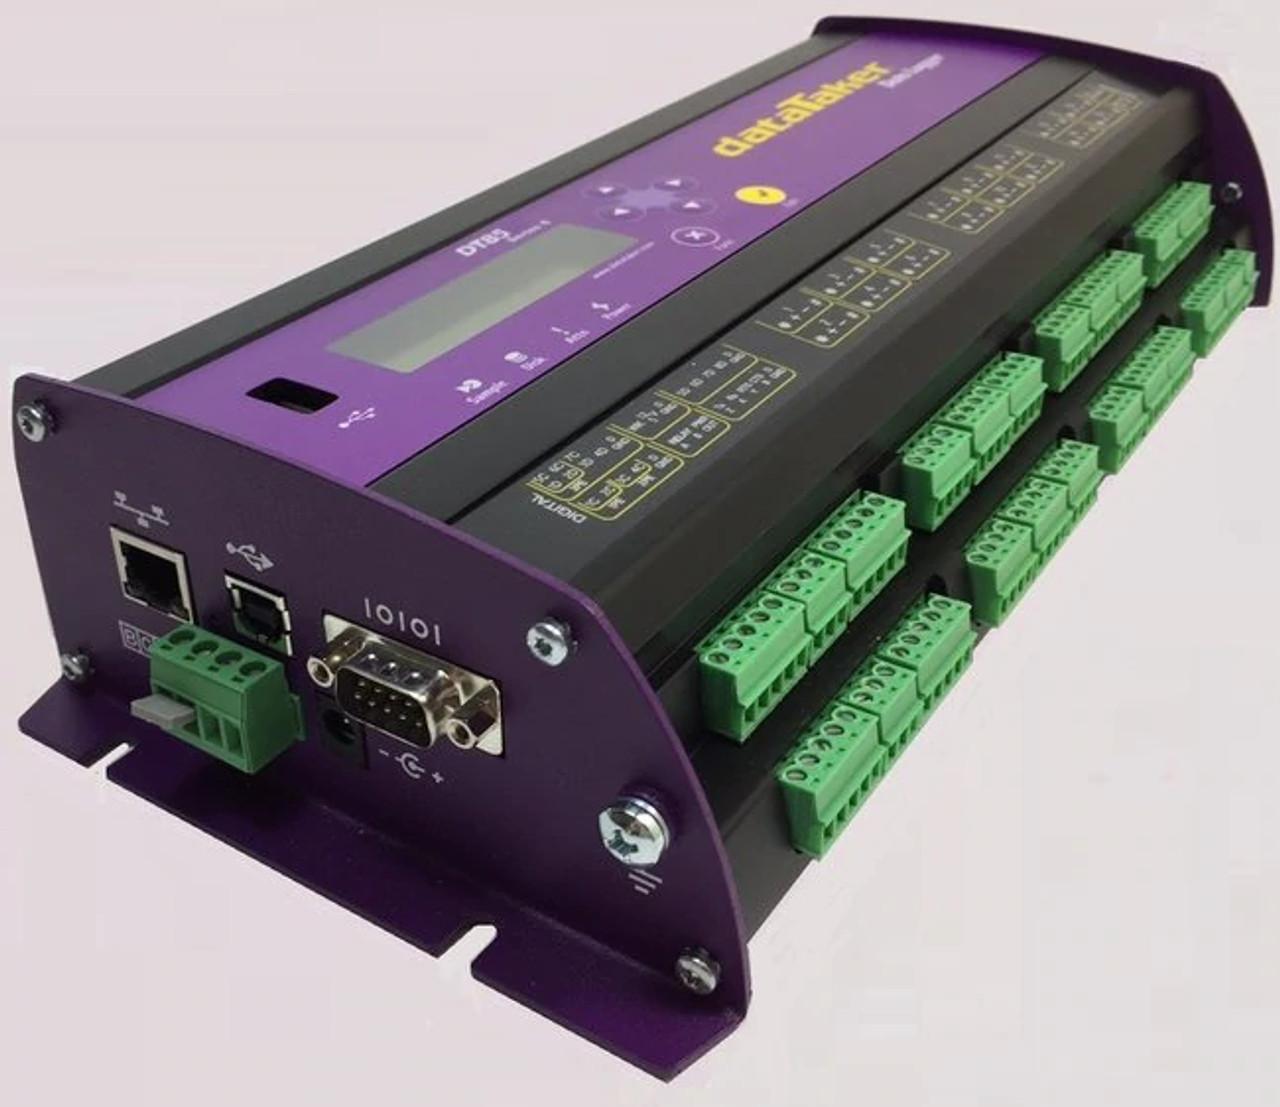 DataTaker DT85-S4 data logger.